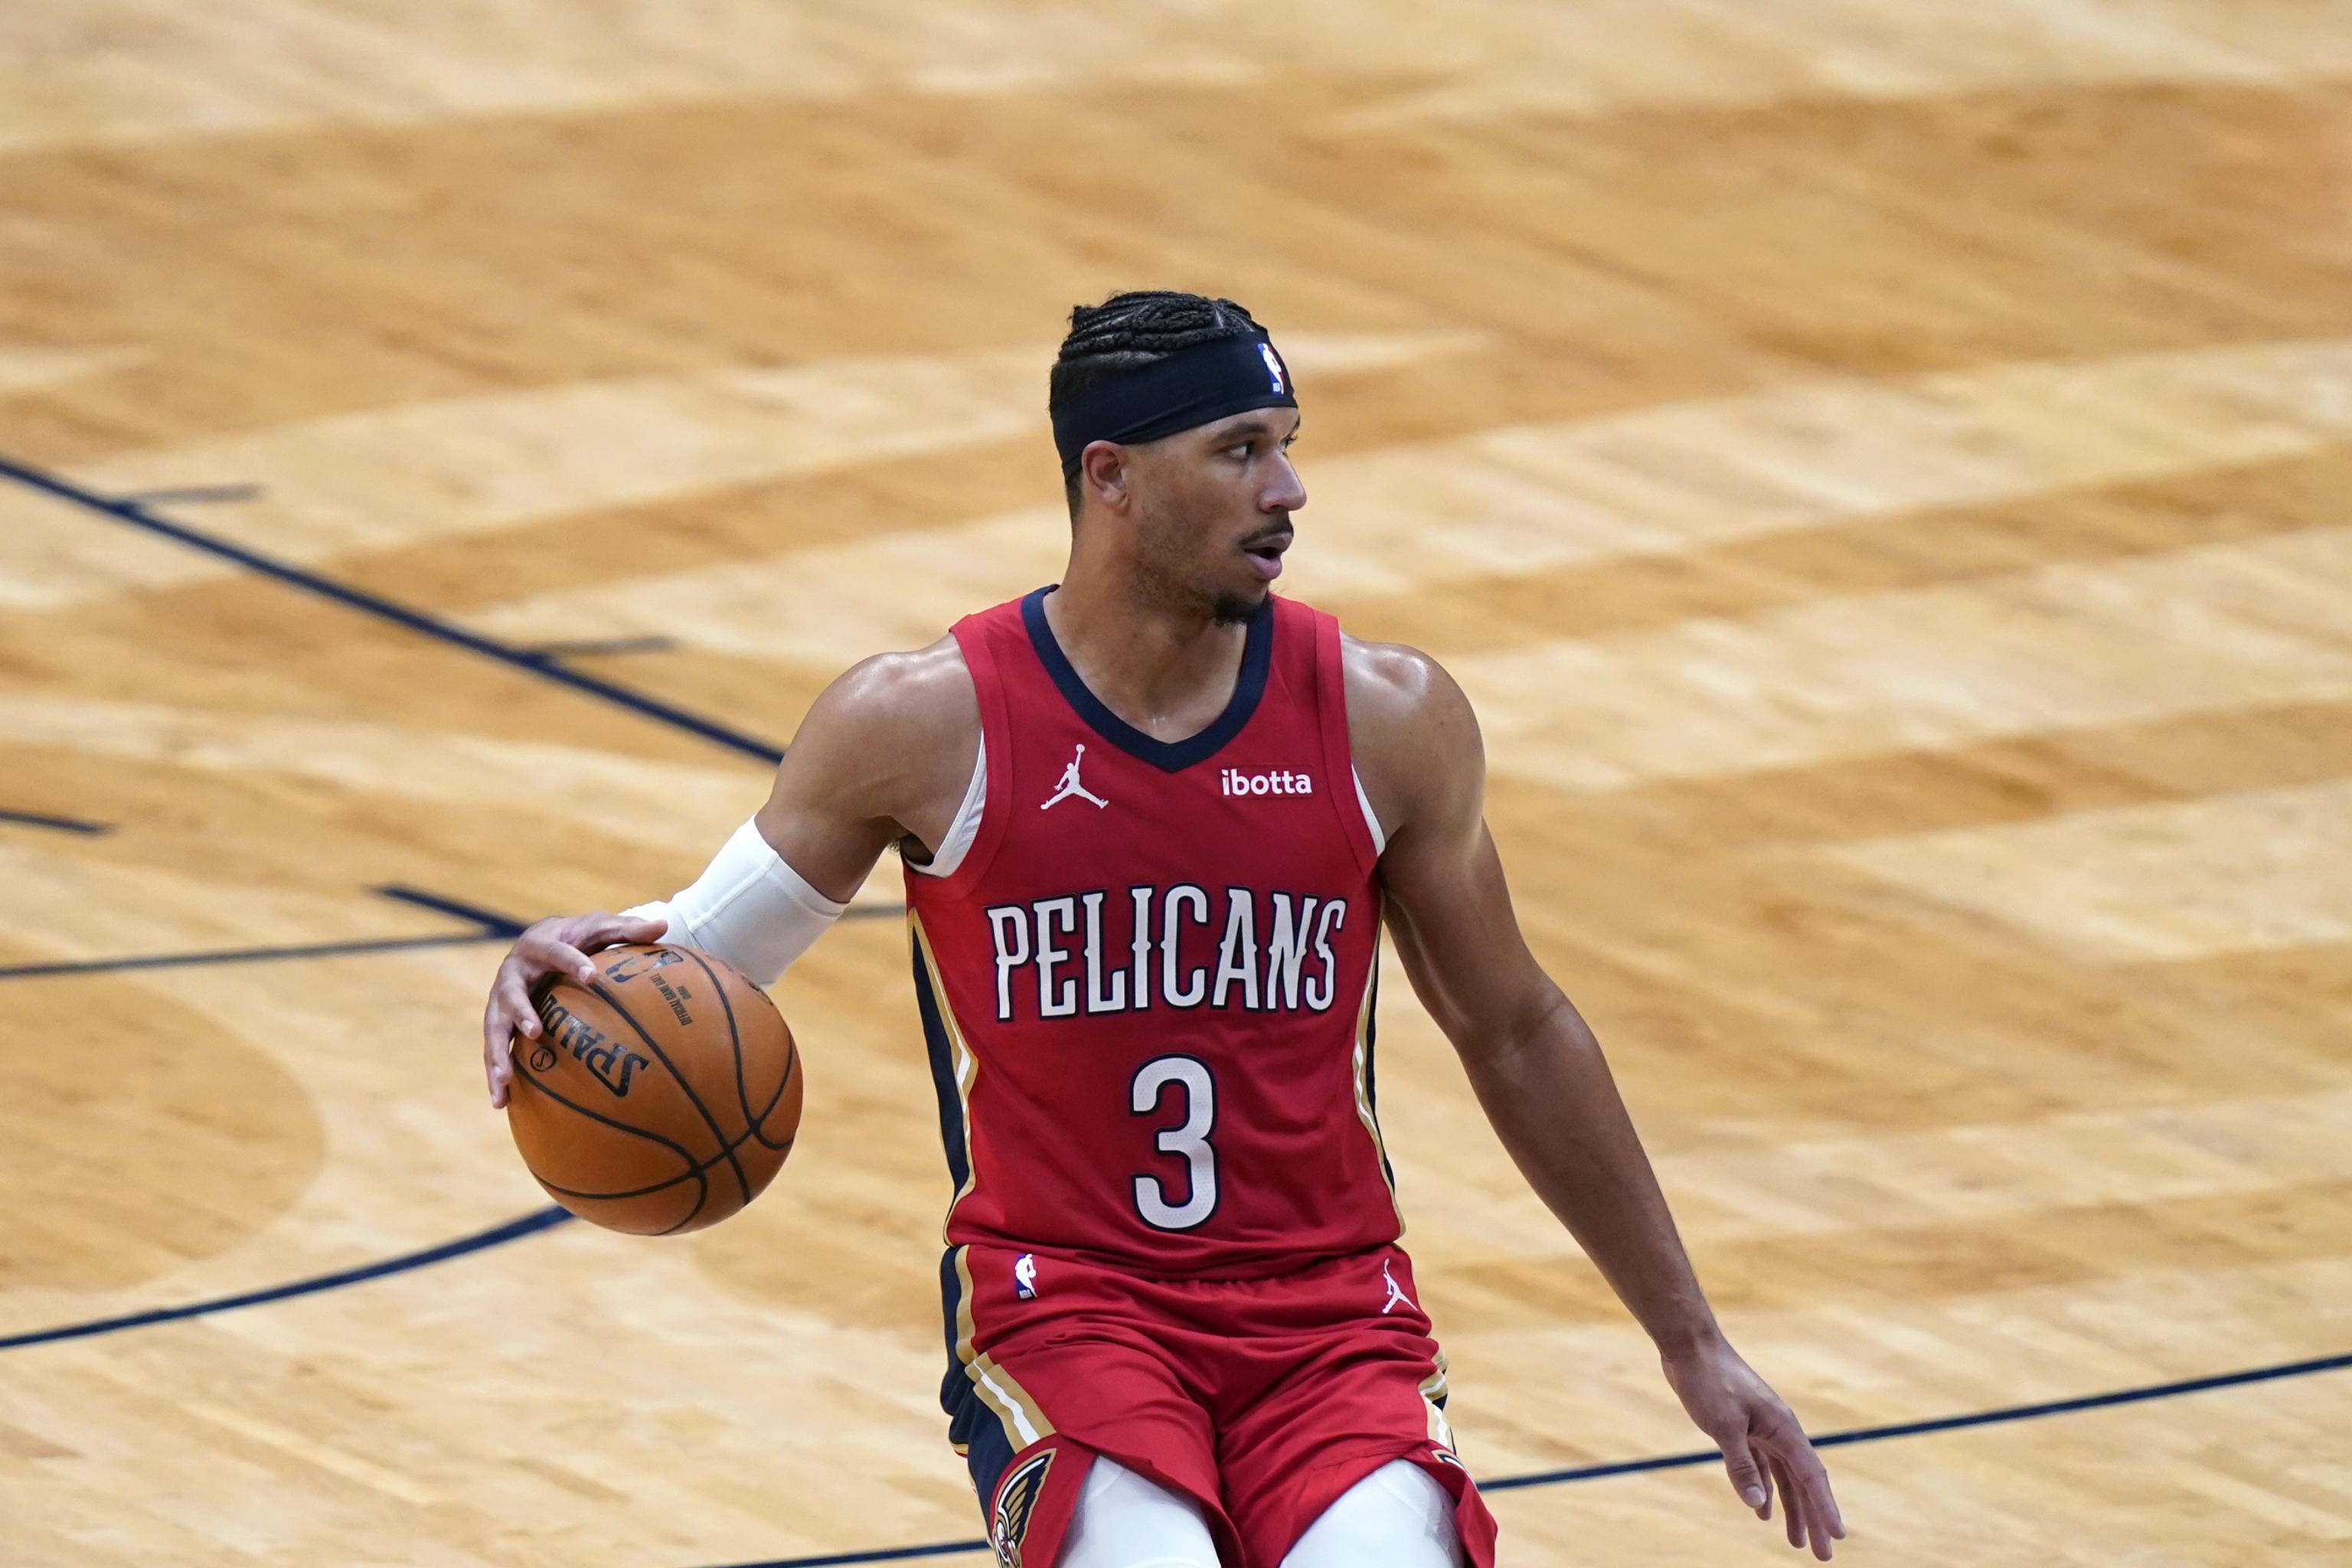 Pelicans Josh Hart Offers Blazers Mccollum Advice About Nba Top Shot Bleacher Report Latest News Videos And Highlights